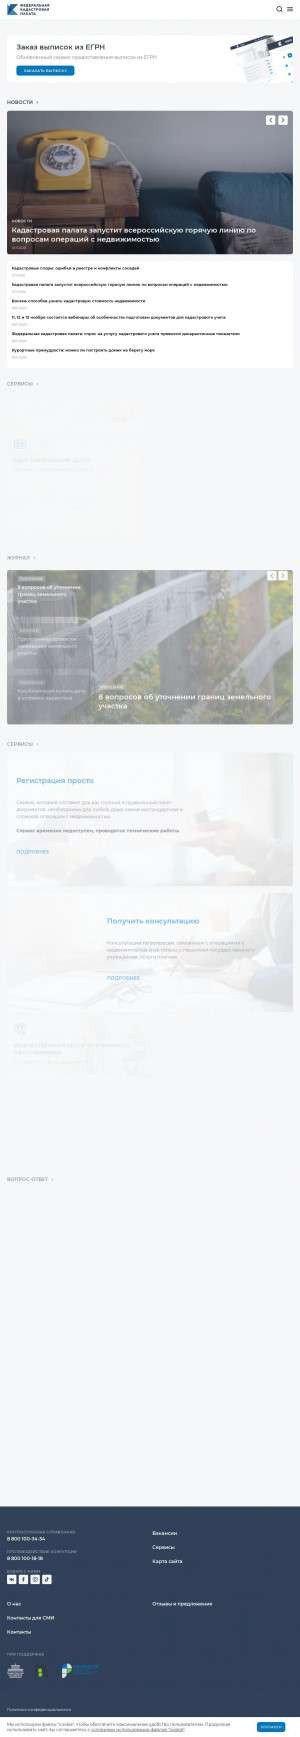 Предпросмотр для kadastr.ru — Федеральная кадастровая палата Федеральной службы государственной регистрации, кадастра и картографии по Пермскому краю